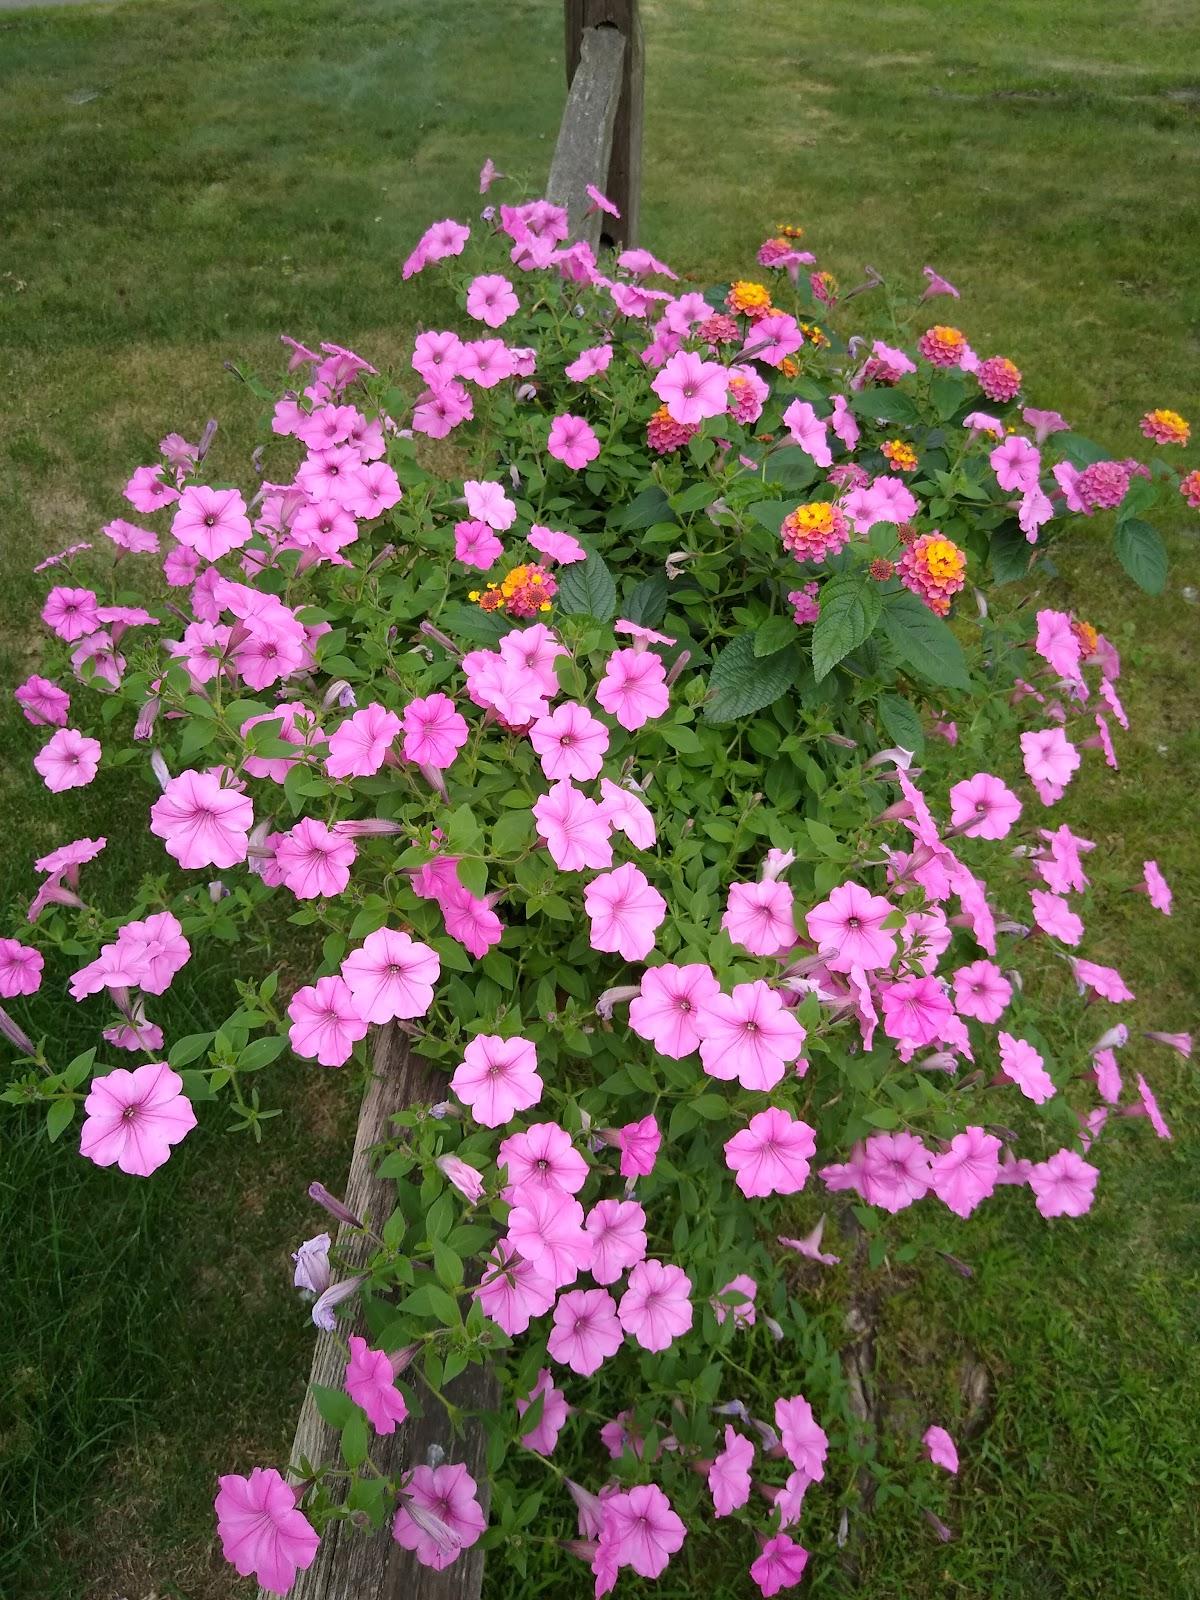 flower fence basket image